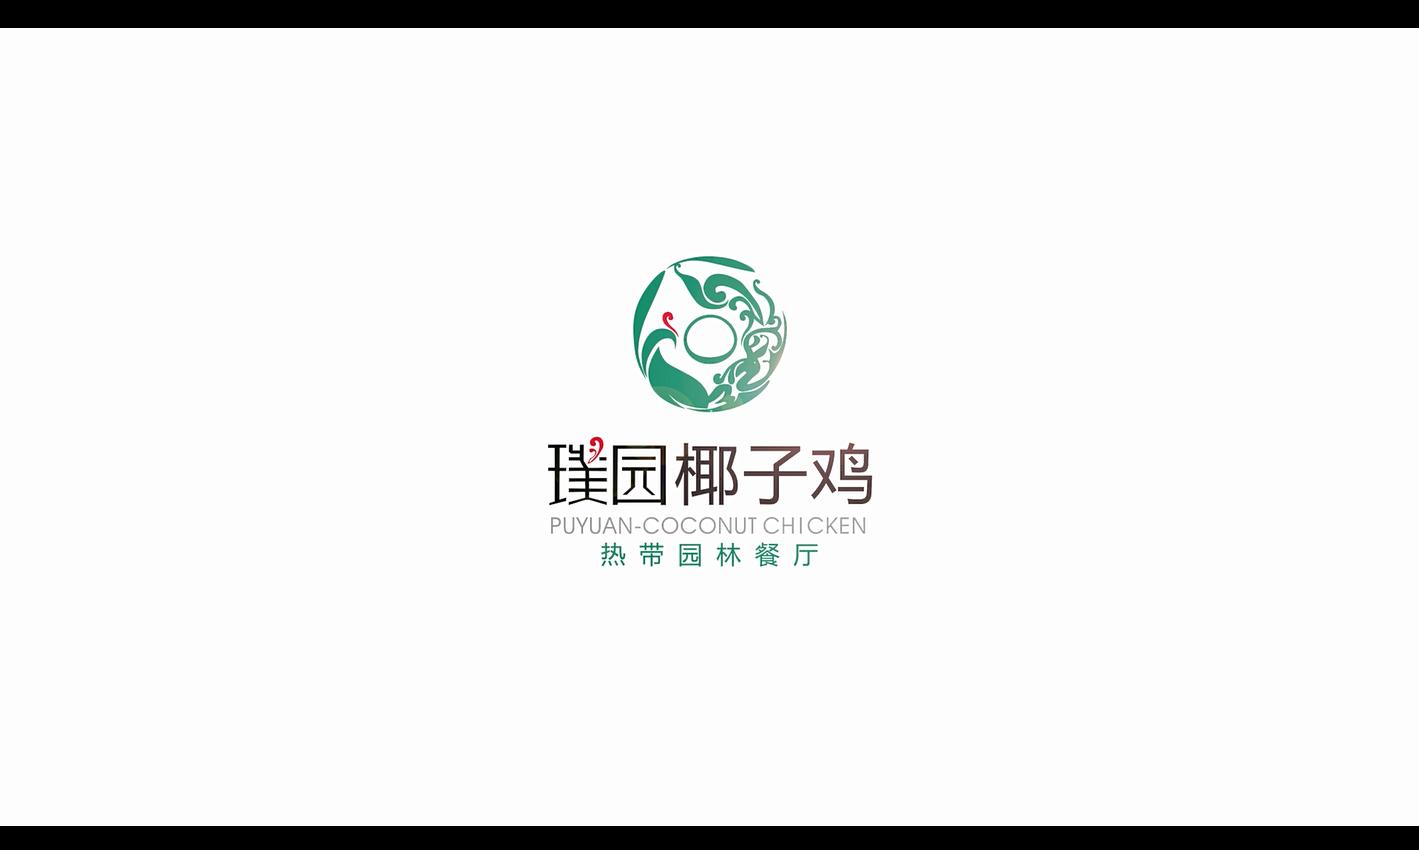 餐饮宣传片 璞园椰子鸡